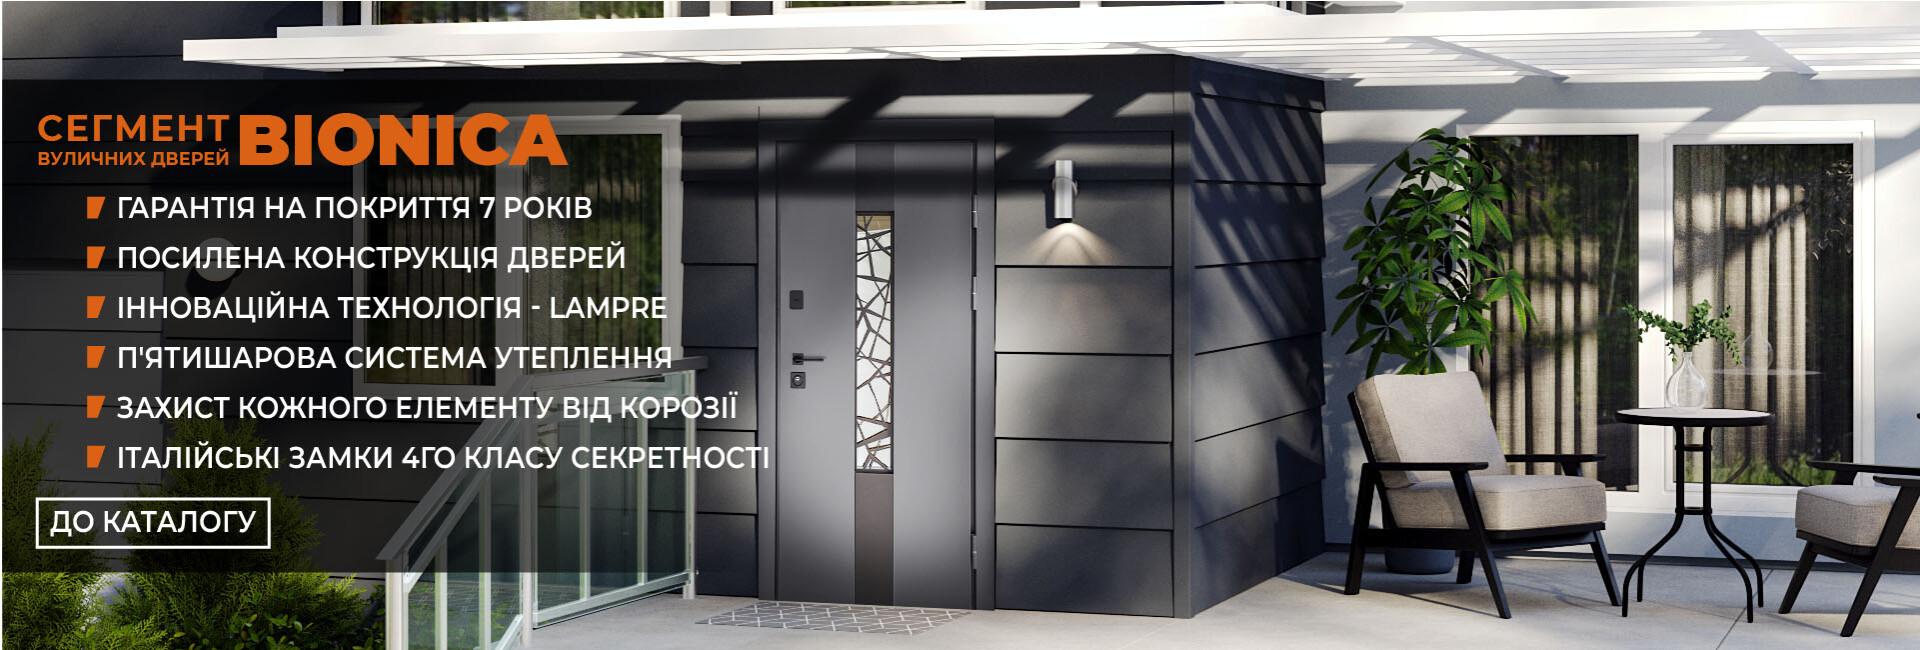 Сегмент вуличних дверей - BIONICA